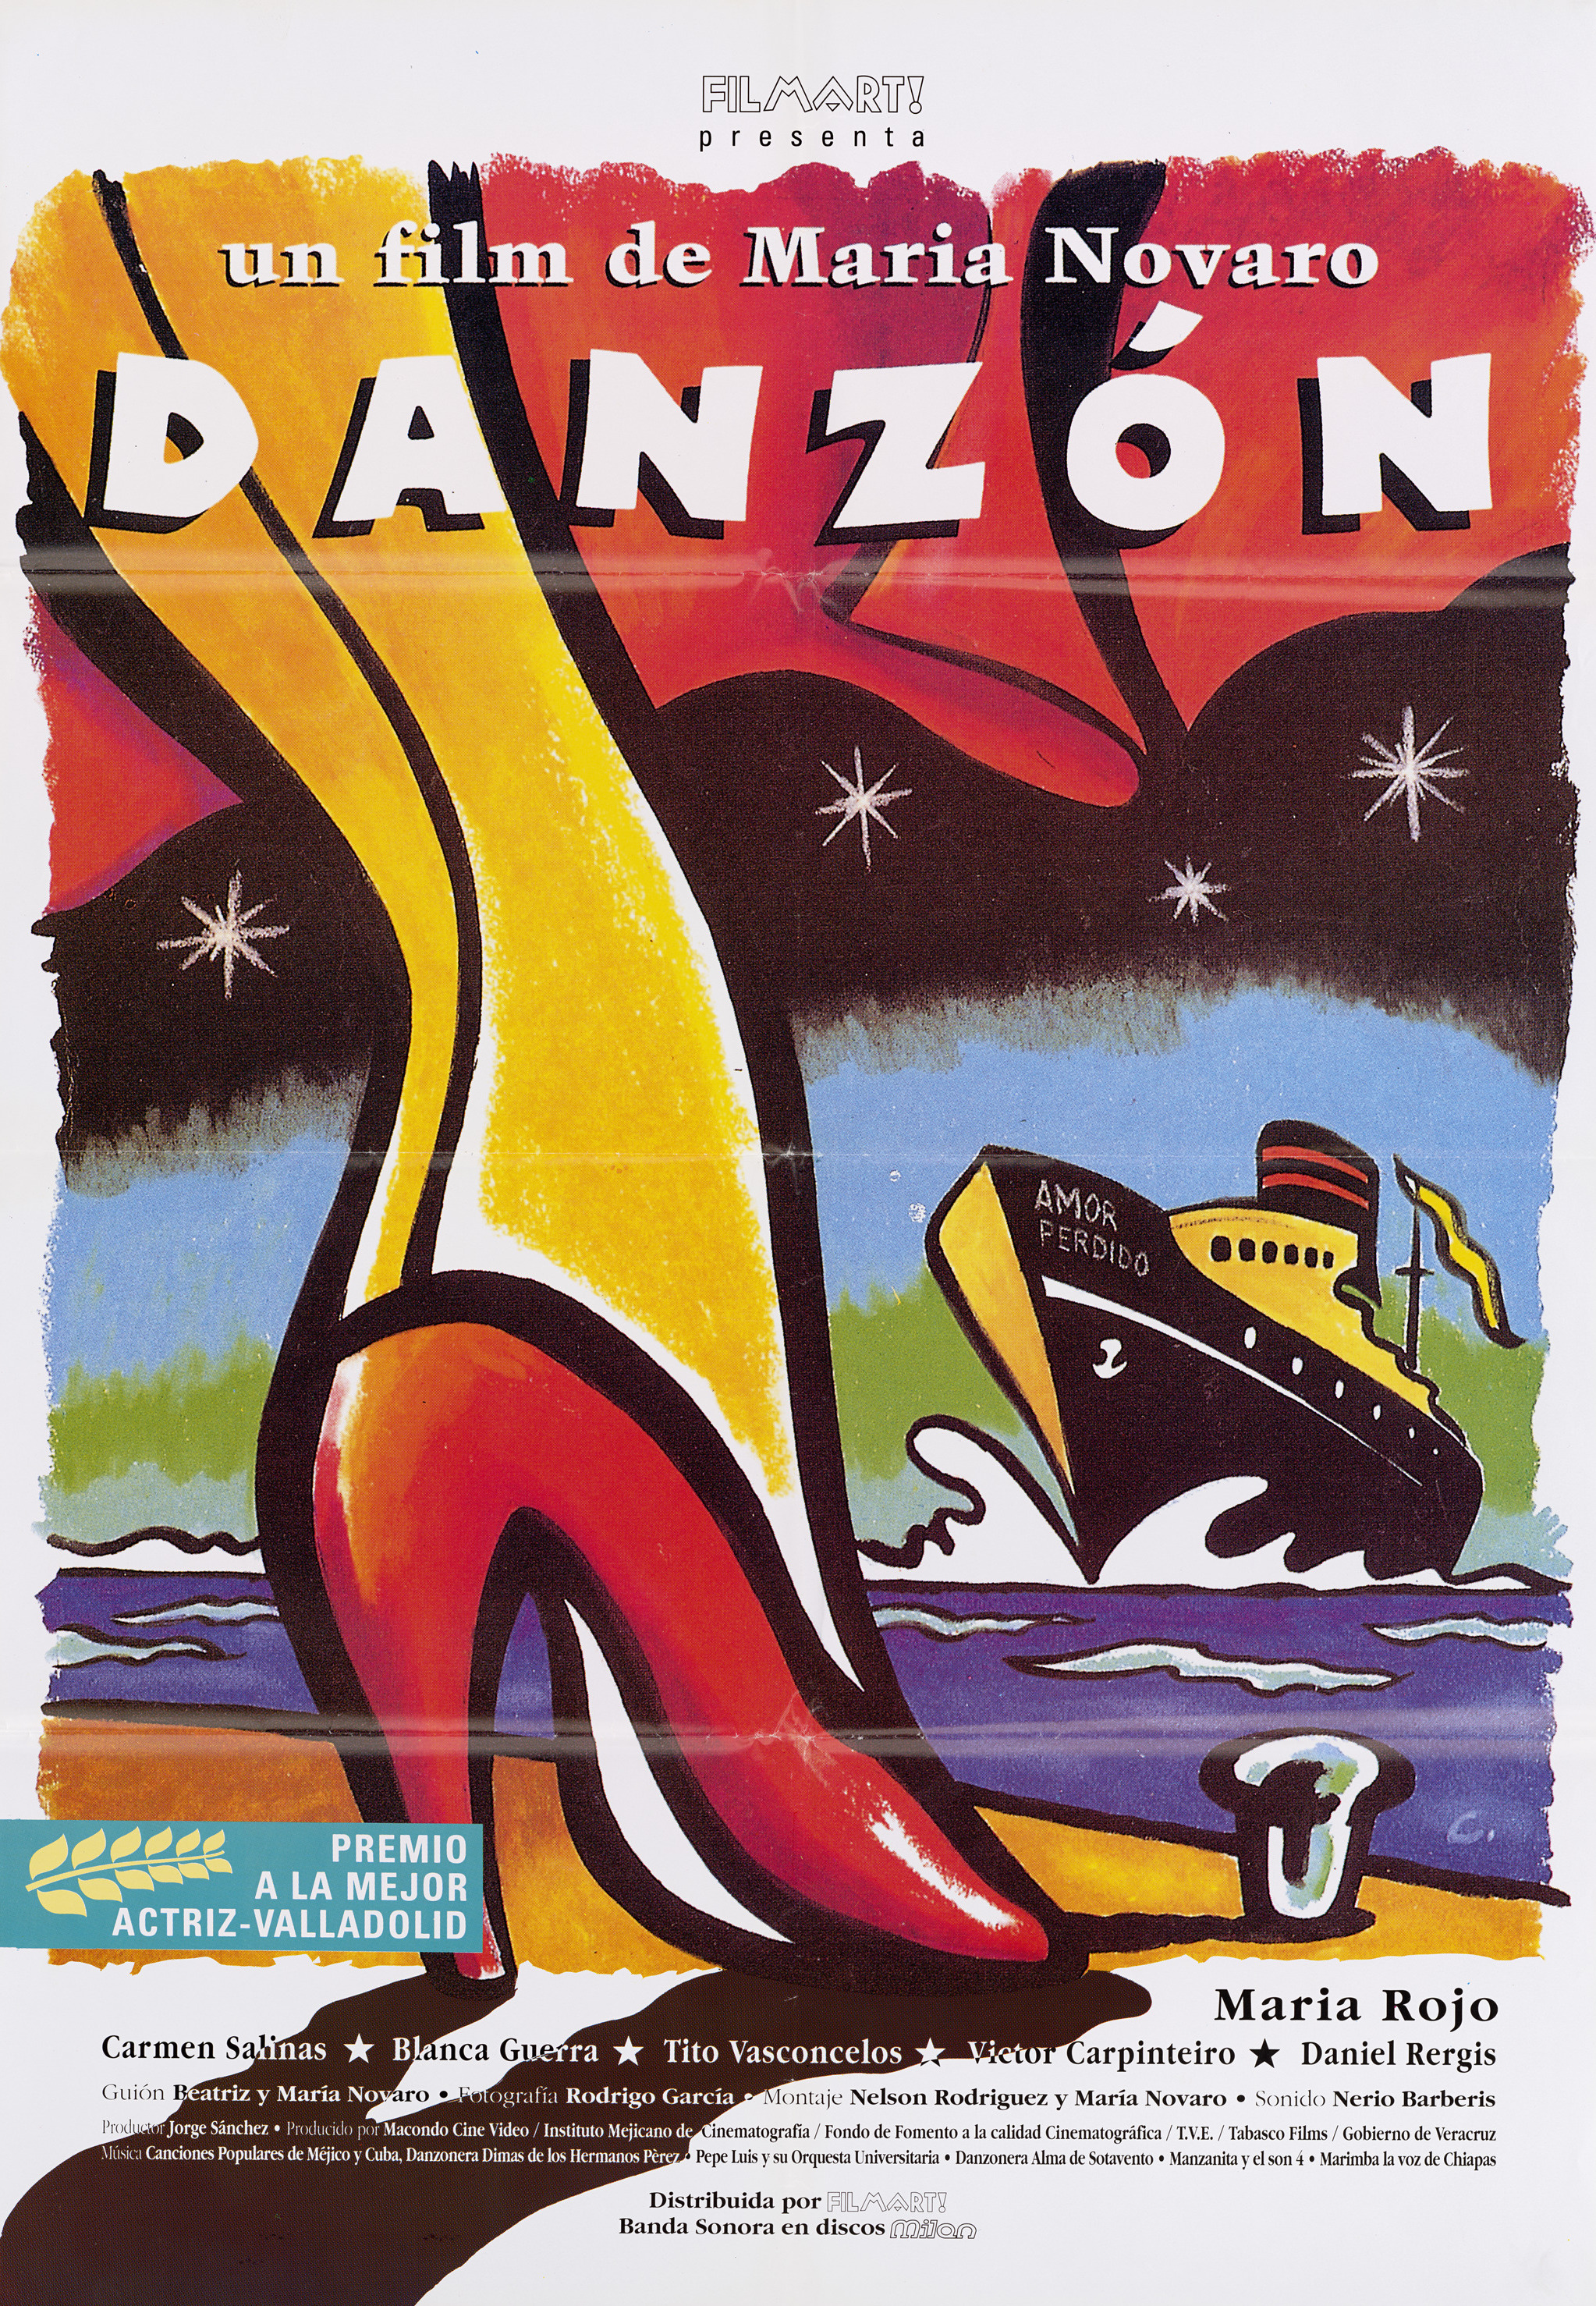 DANZÓN (1991)